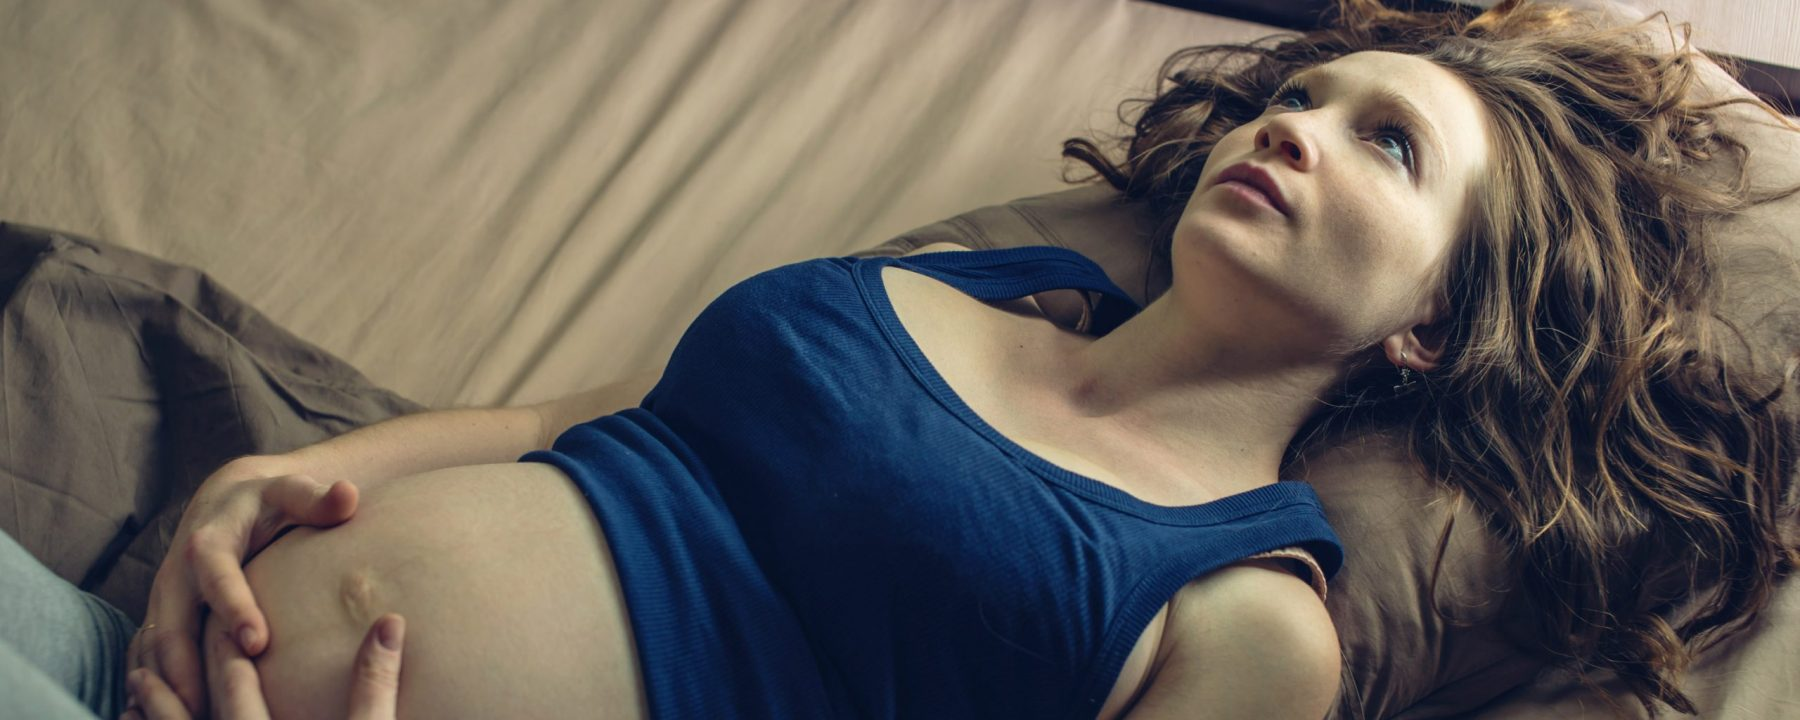 Schlafstörungen in der Schwangerschaft? Risiken jetzt ausschließen!